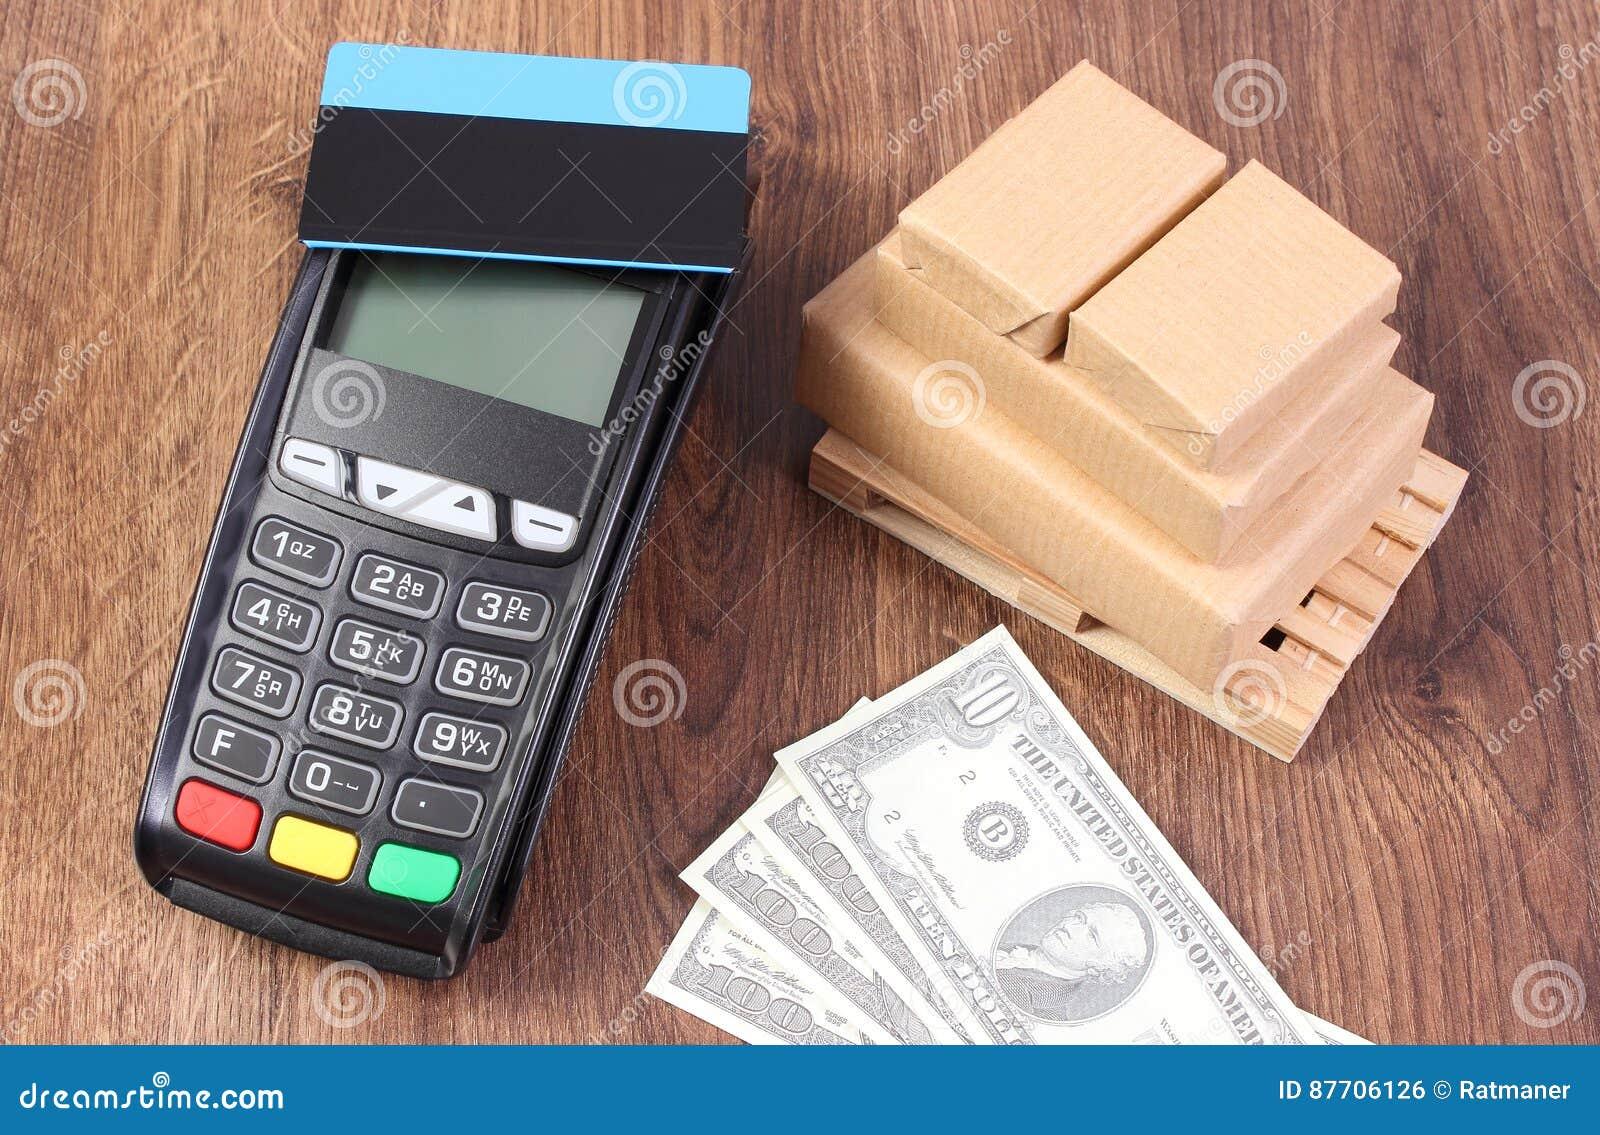 Terminal de paiement avec la carte de crédit, le dollar de devises et les boîtes enveloppées sur la palette en bois